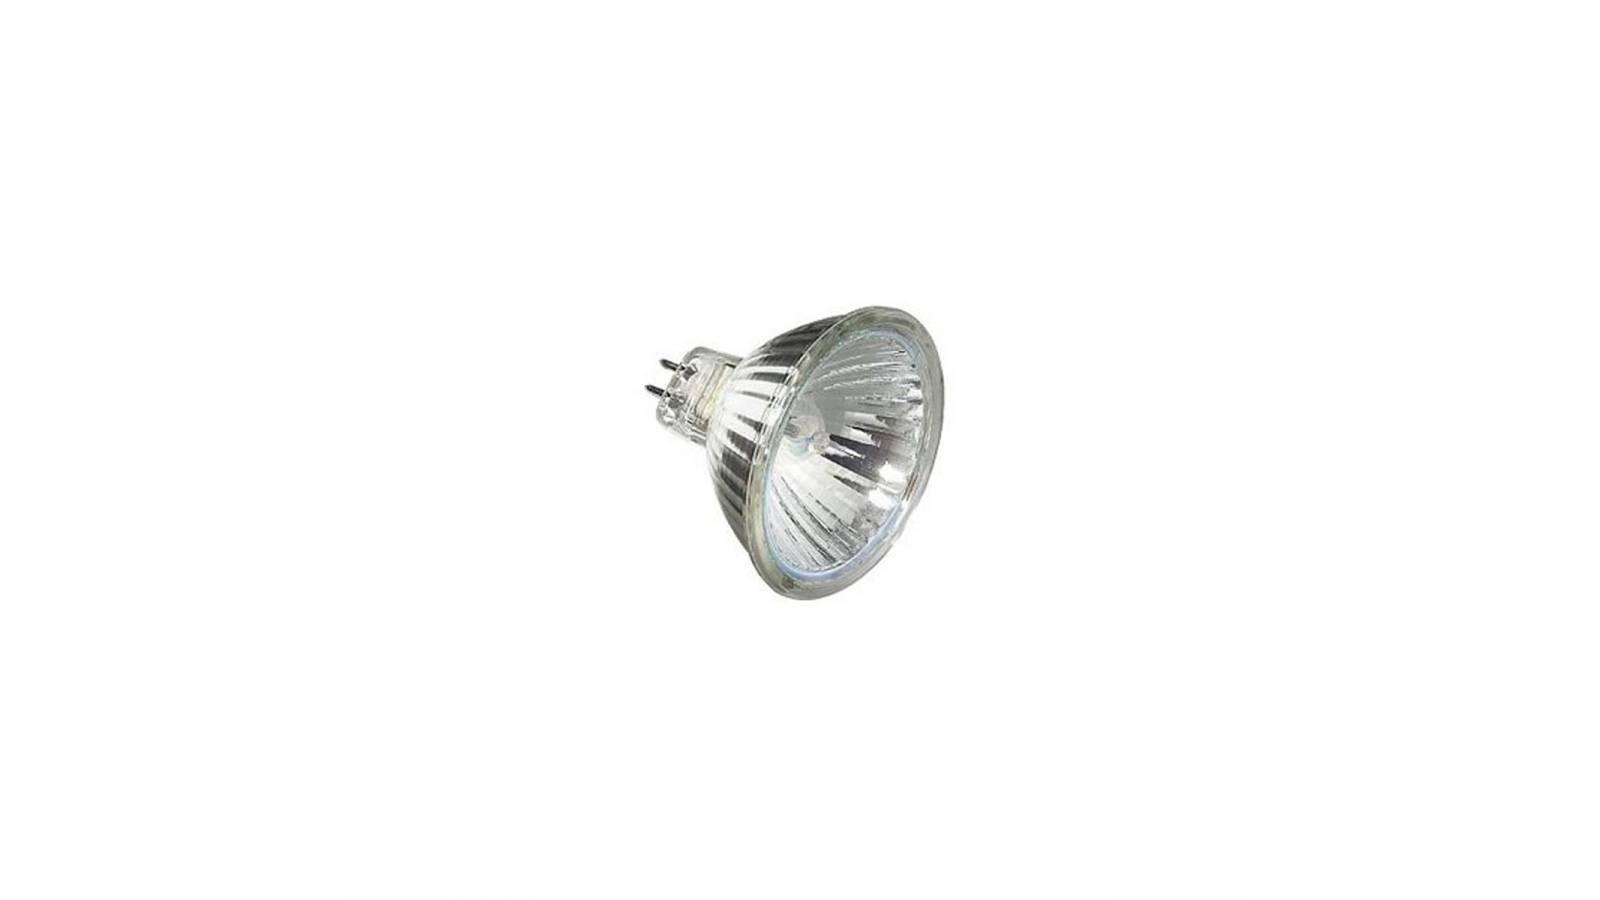 Lámpara Dicroica 24V/250W GcmPro